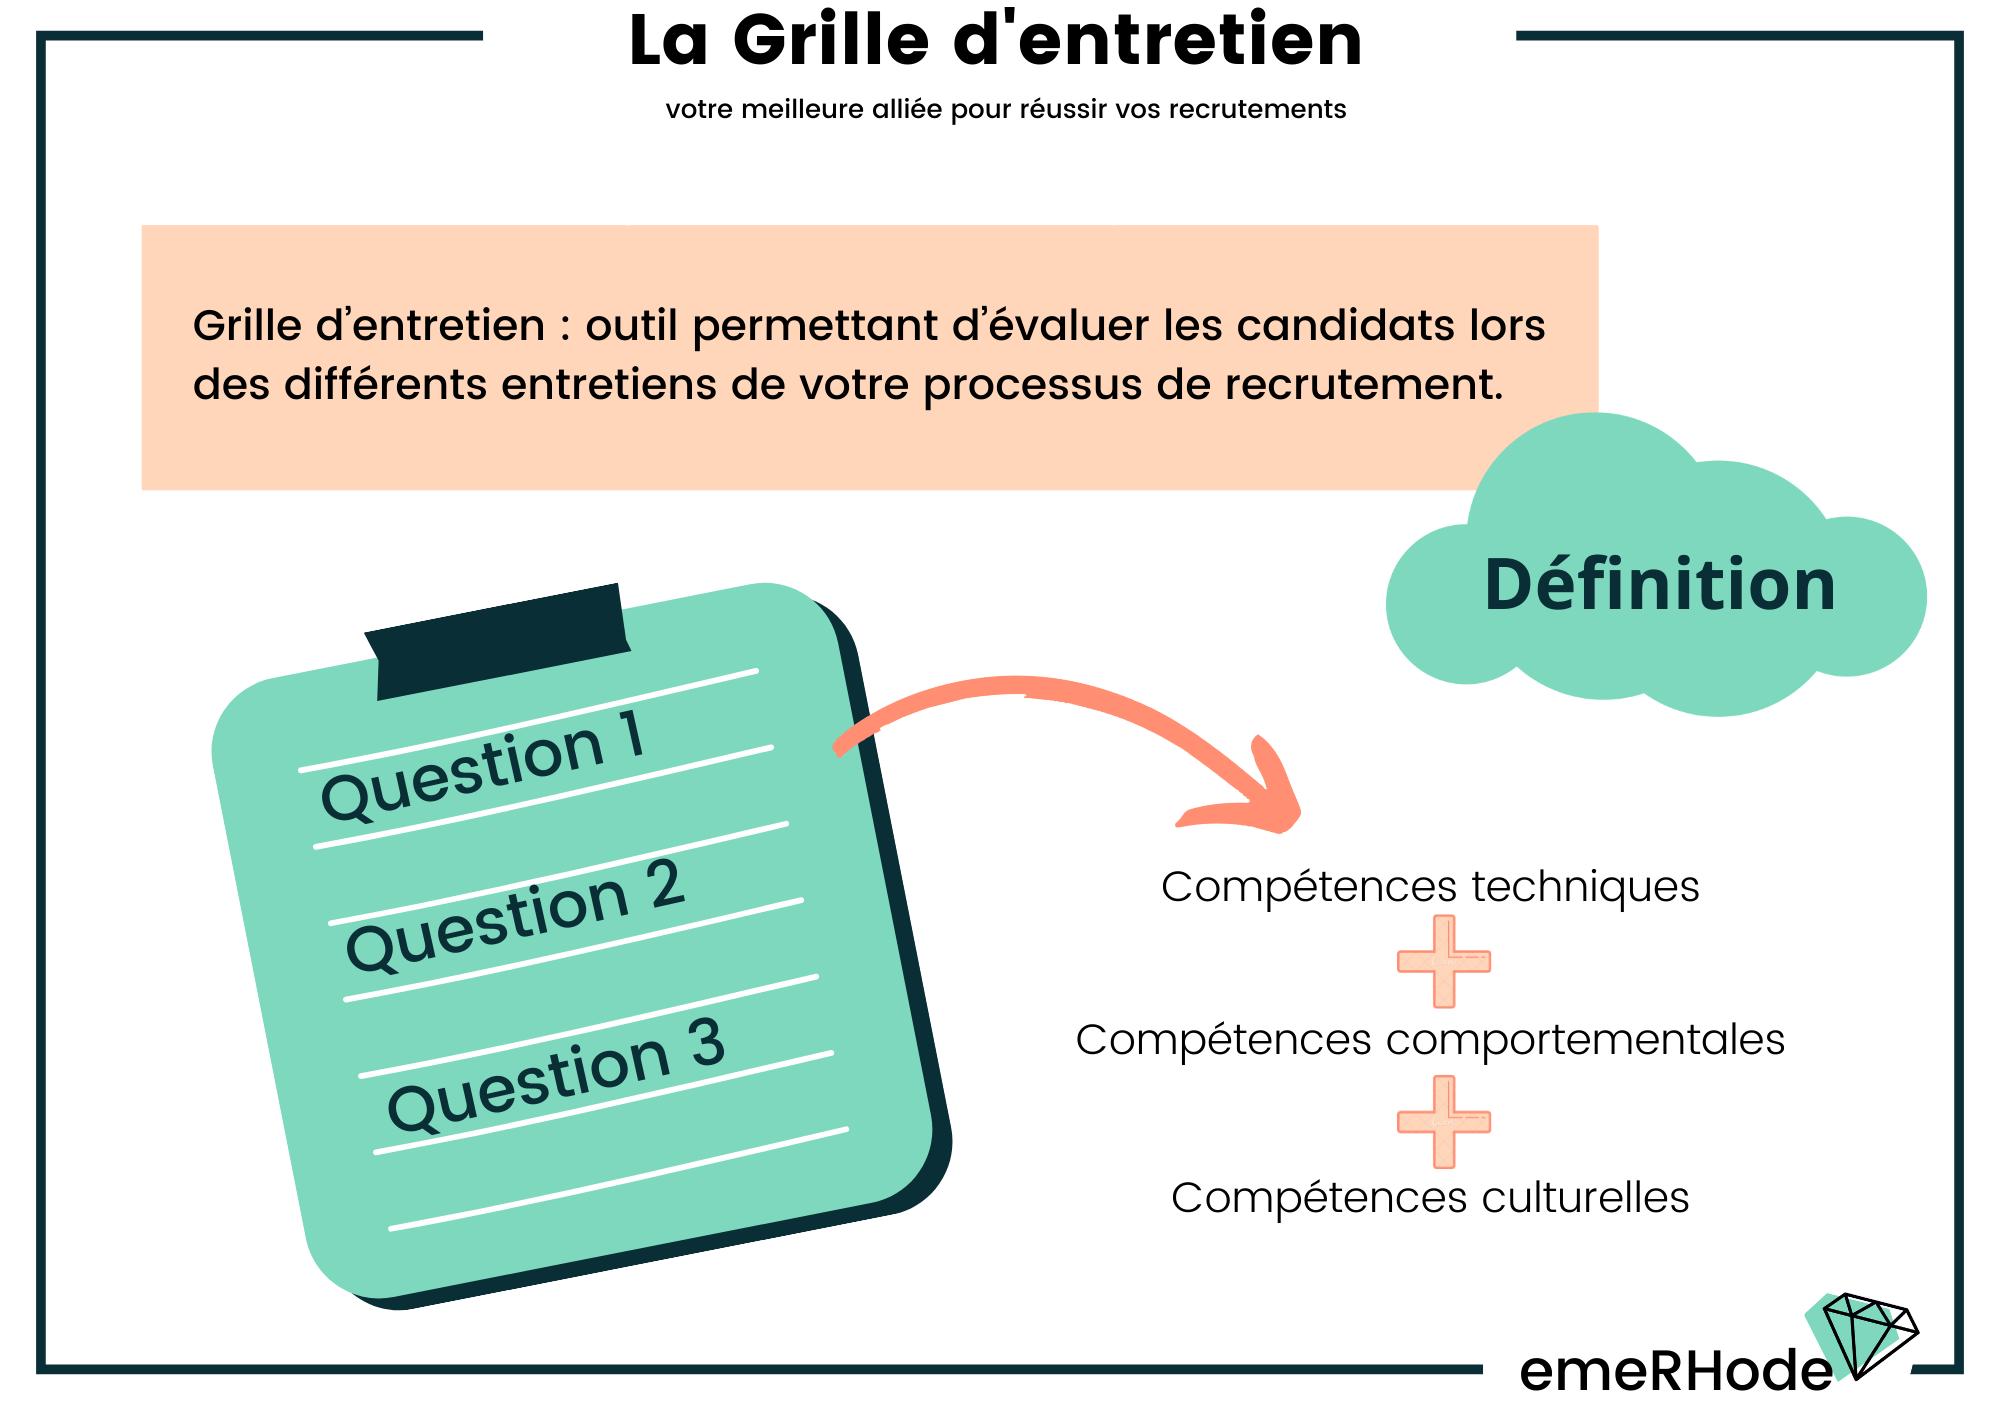 Grille d'entretien définition